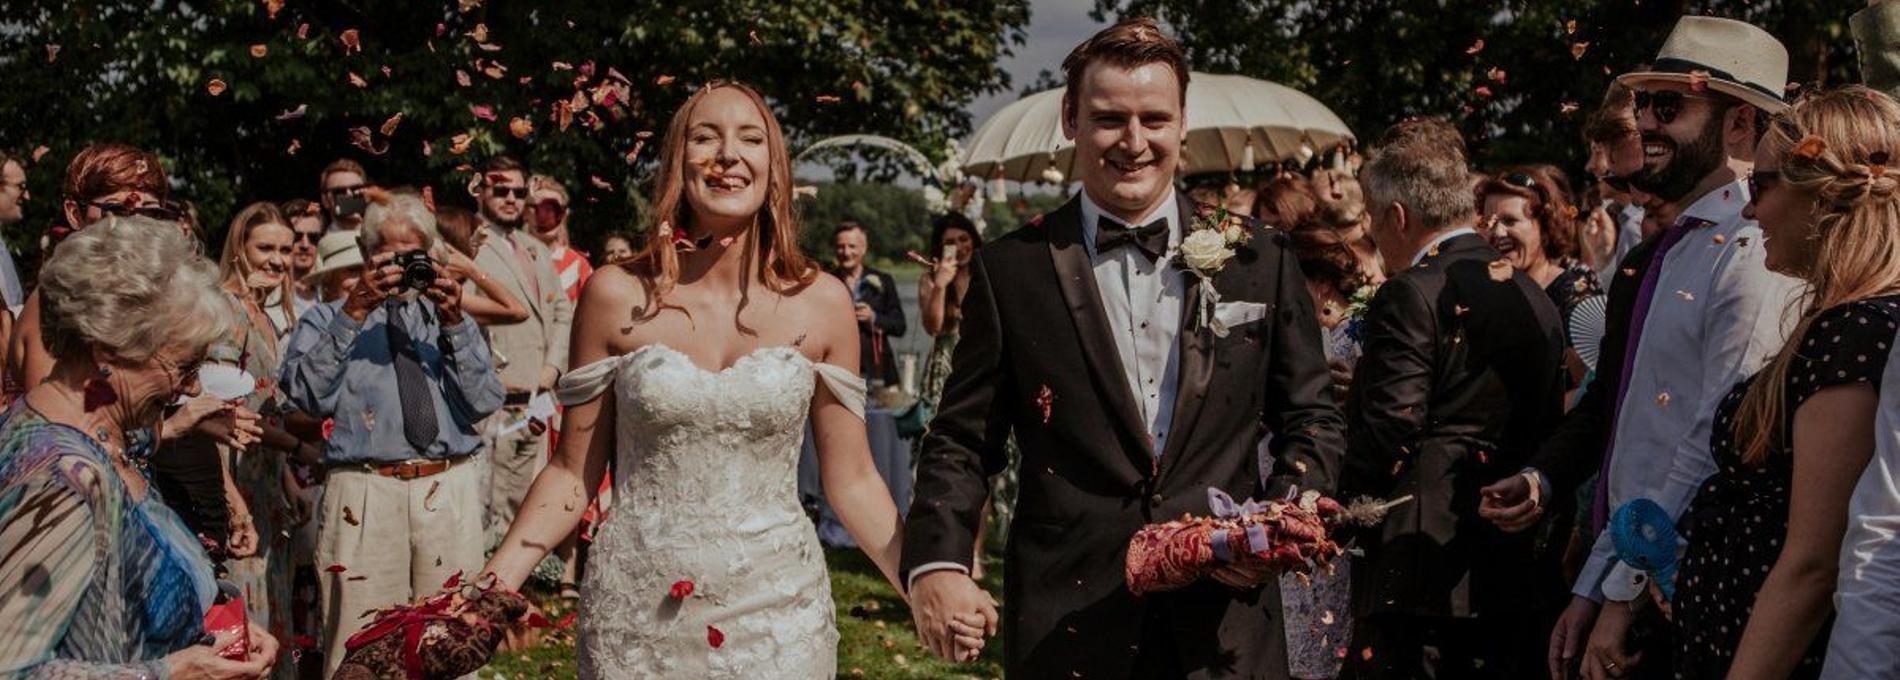 Brauteltern lustig hochzeitsrede Hochzeitsrede Brauteltern